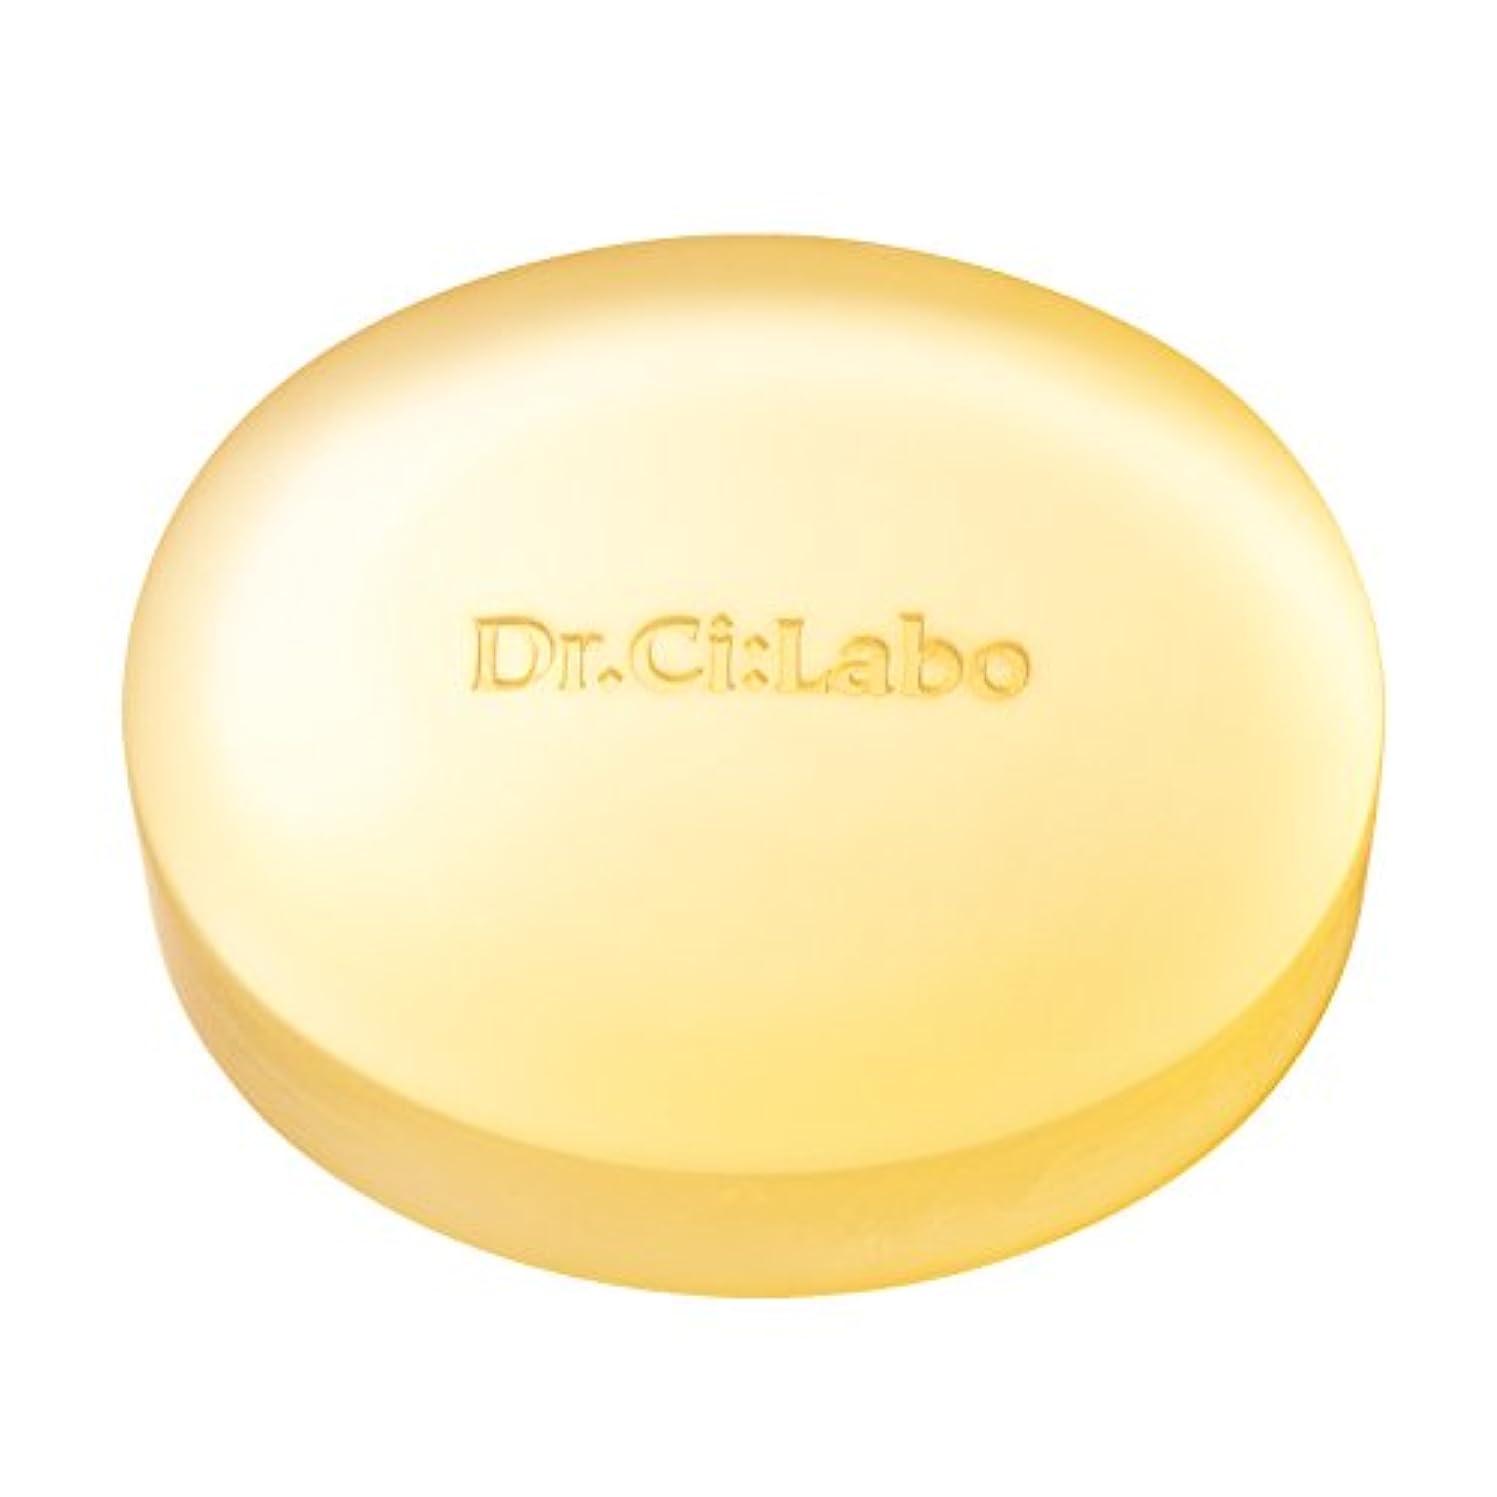 重々しい継承代数的ドクターシーラボ フォトホワイトCホワイトソープ 角質オフ石鹸 90g 洗顔せっけん